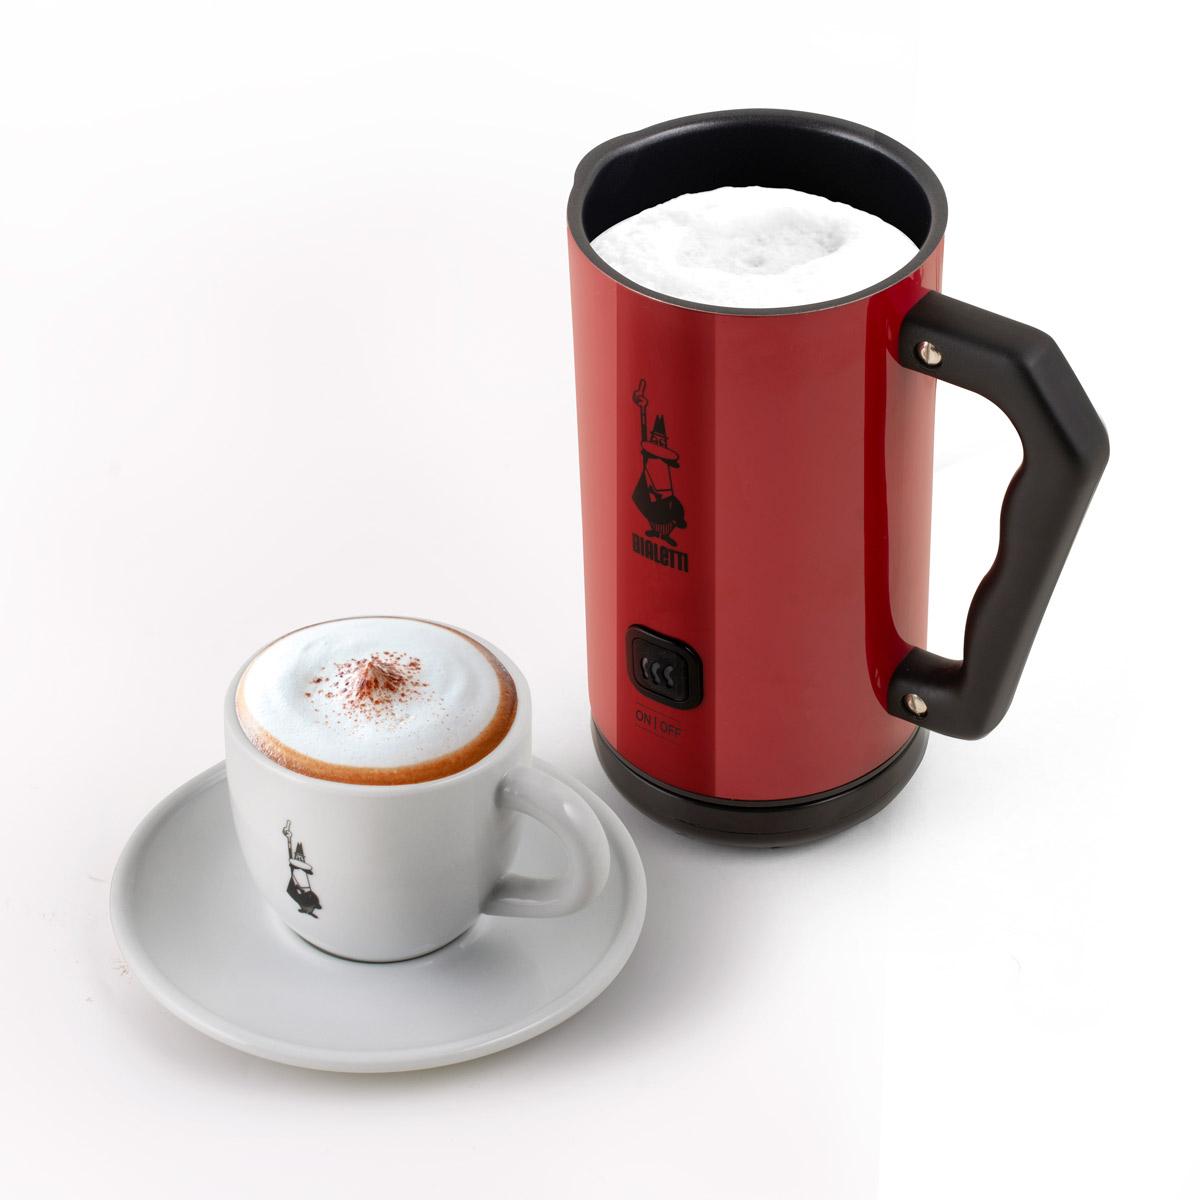 Milk Frother Espumador de leche eléctrico automático rojo y taza de cappuccino Bialetti